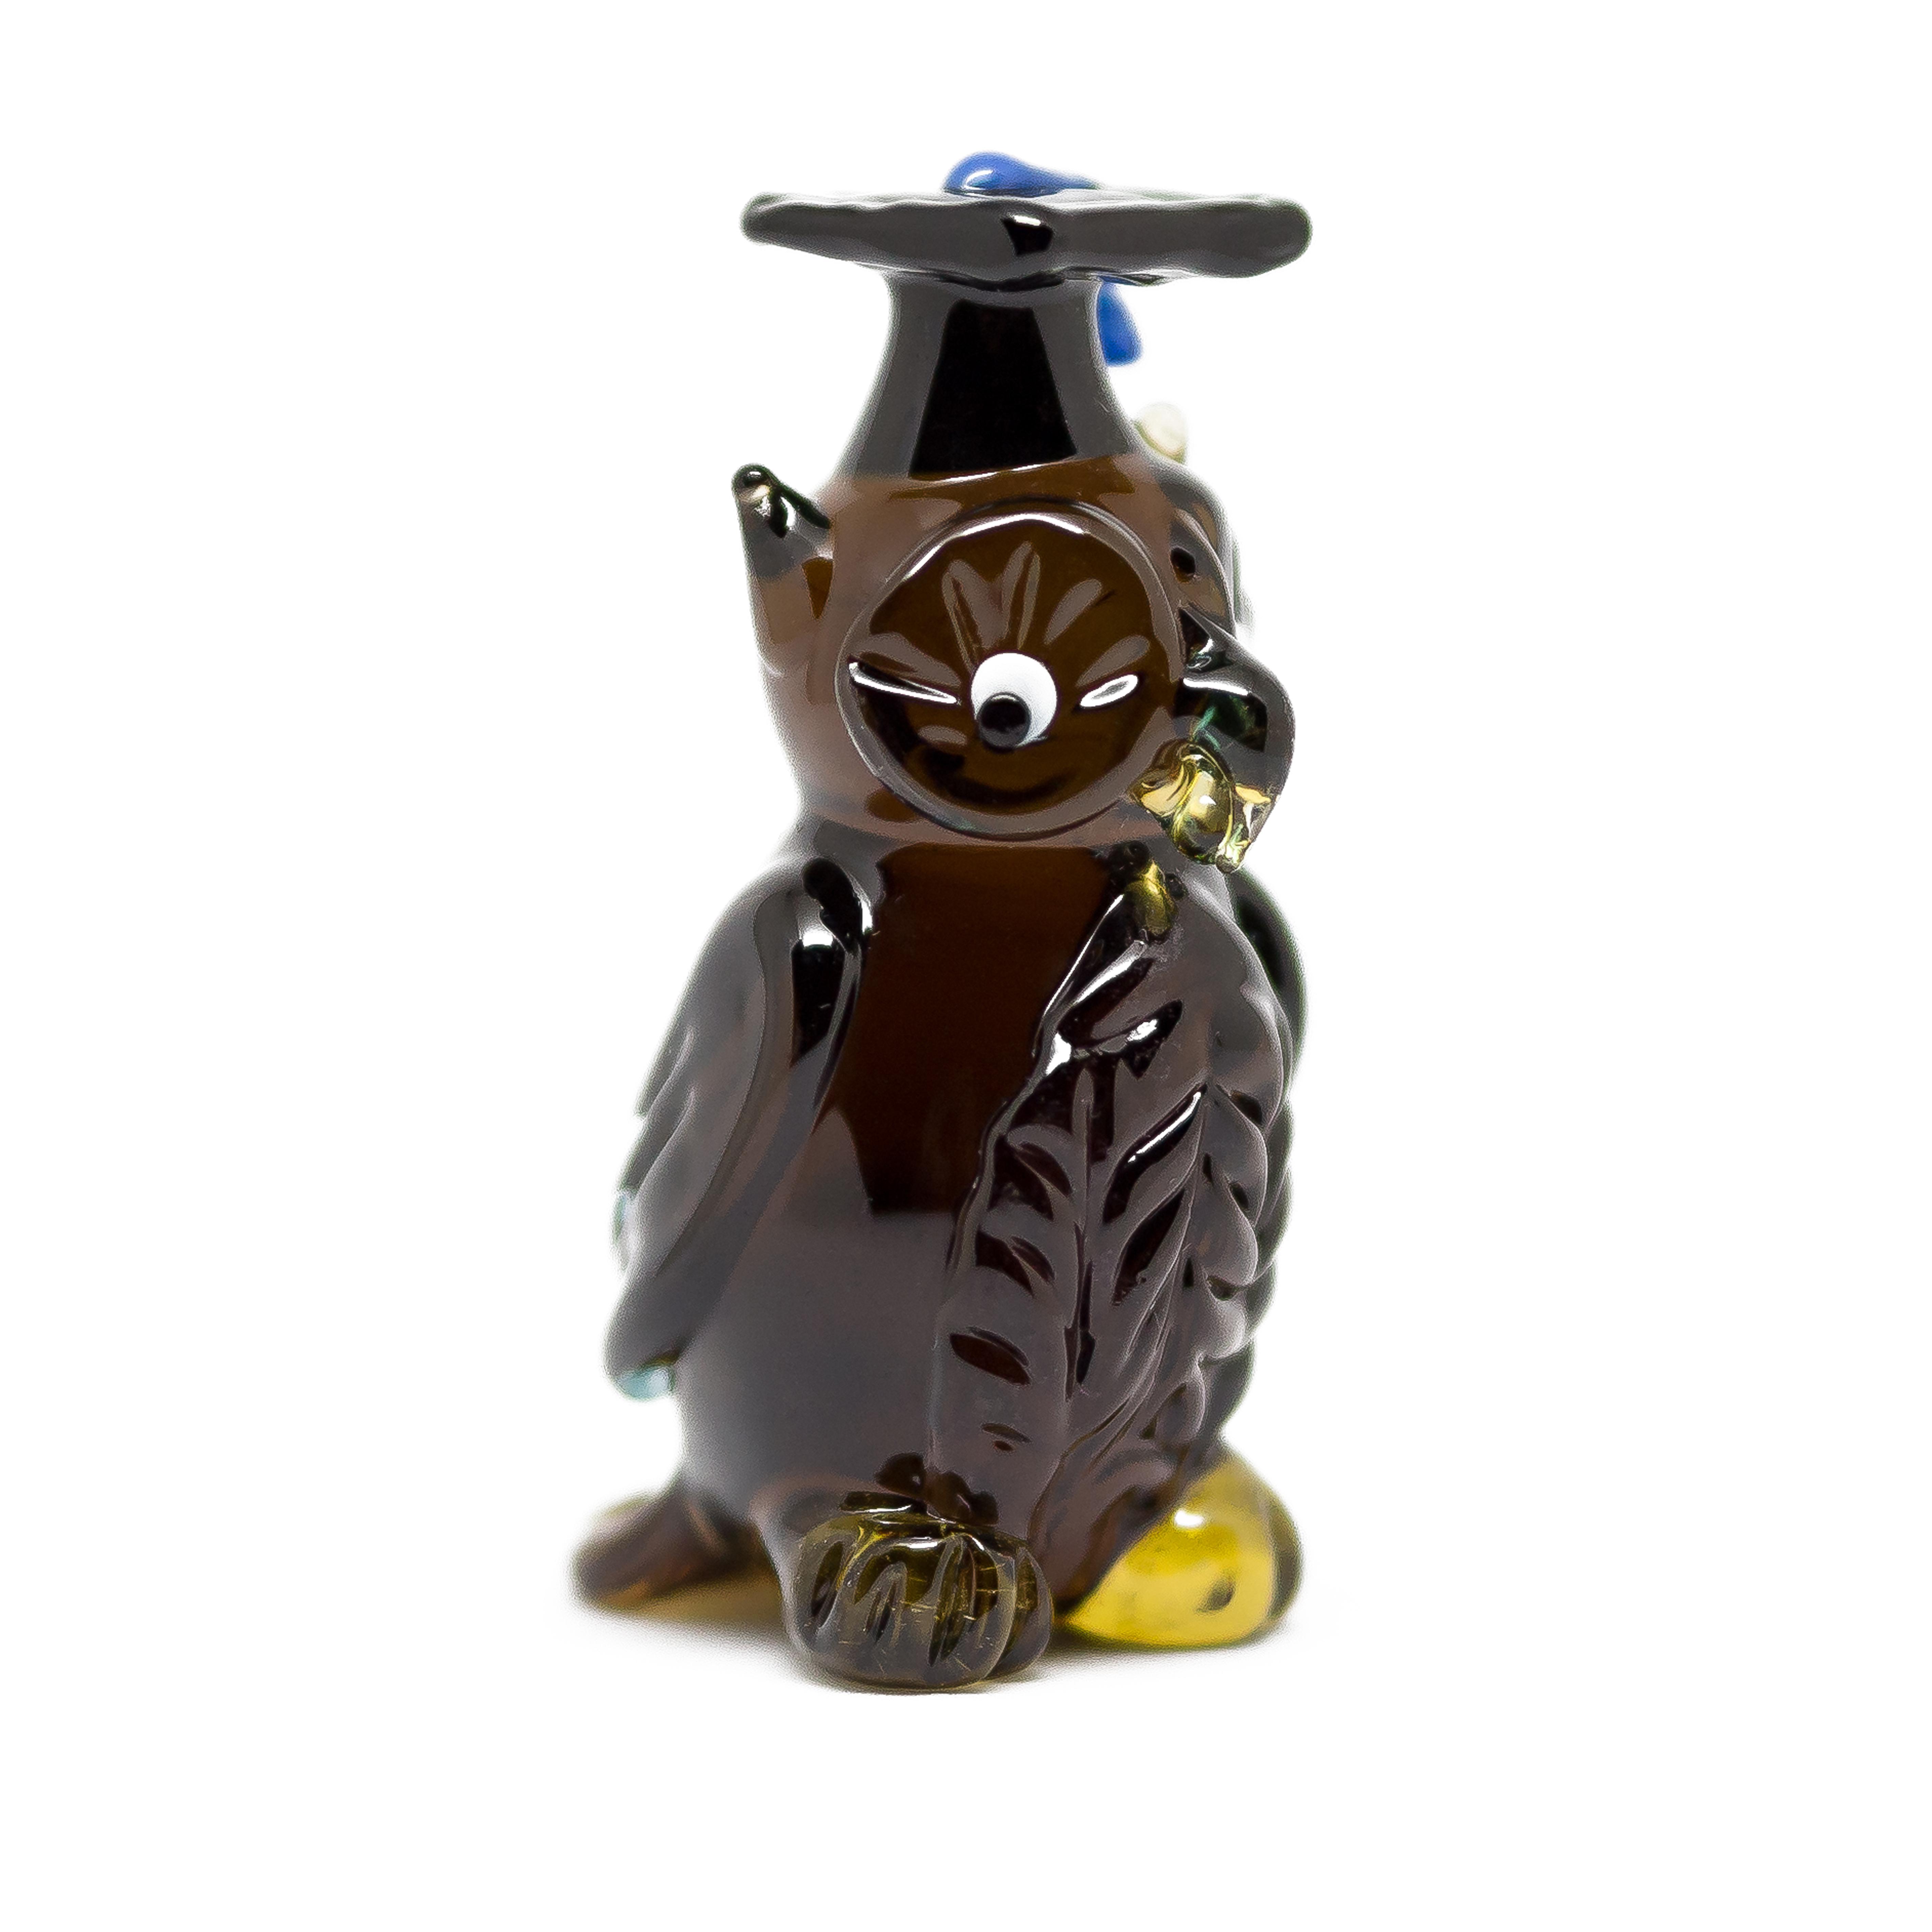 Skleněná sova s promoční čepicí